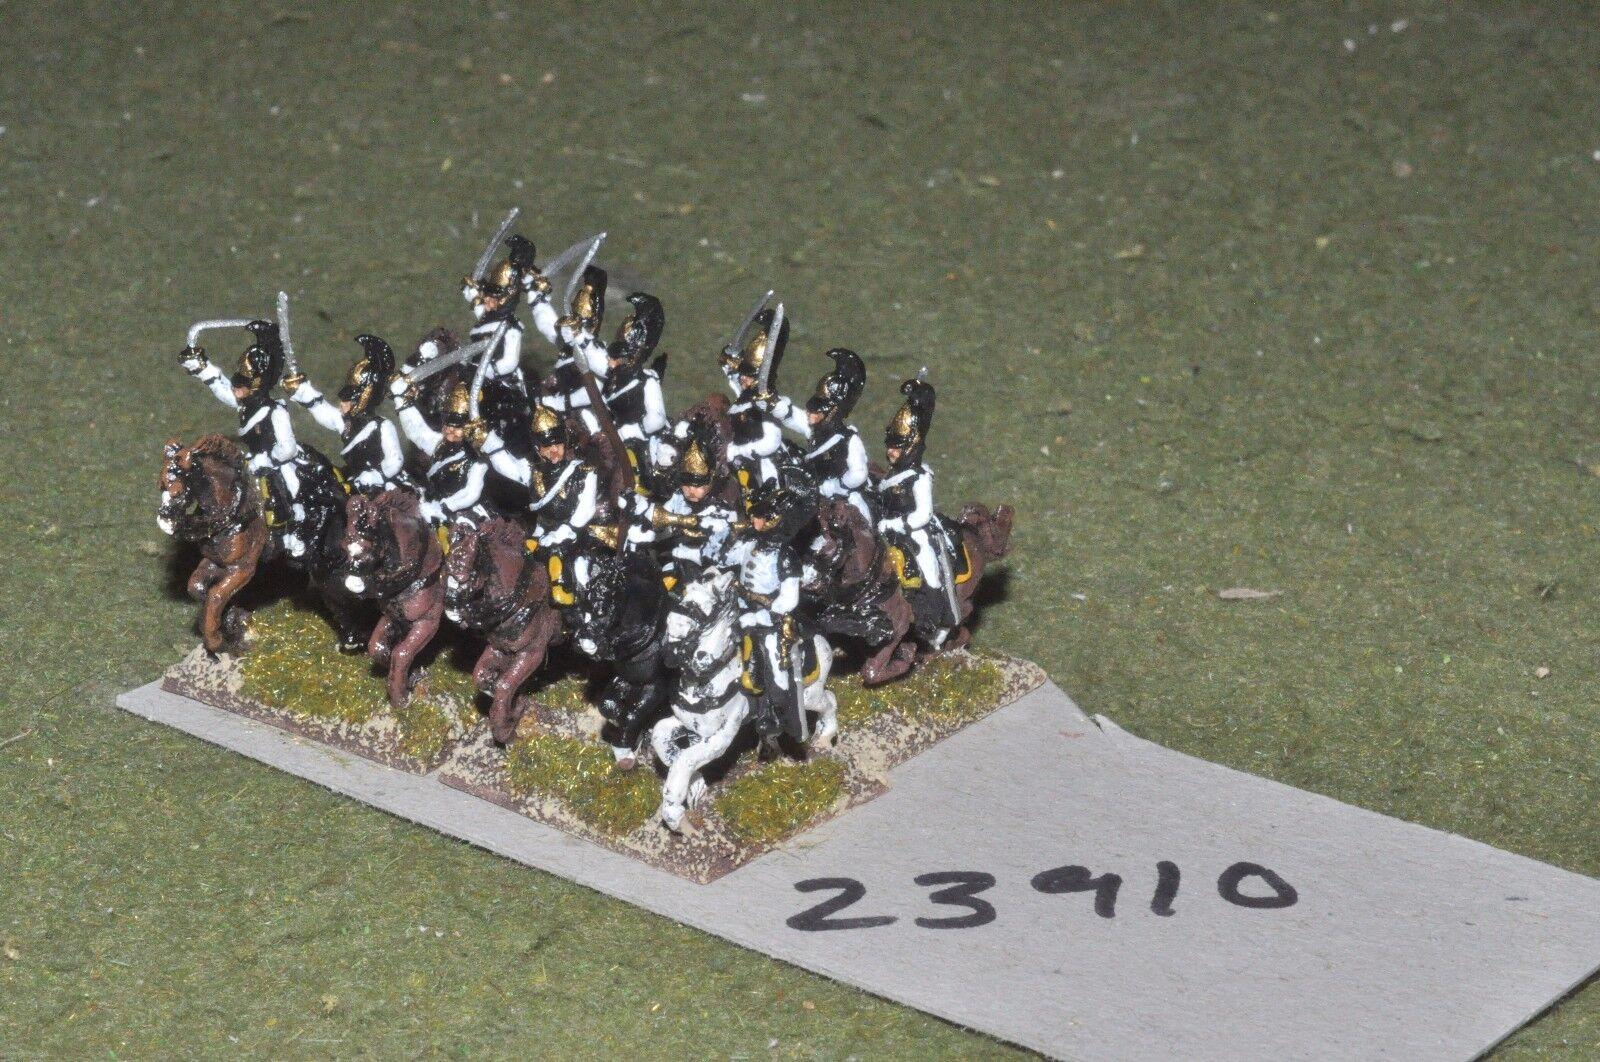 15mm napoleonic   russian - cuirassiers 12 figures - cav (23910)